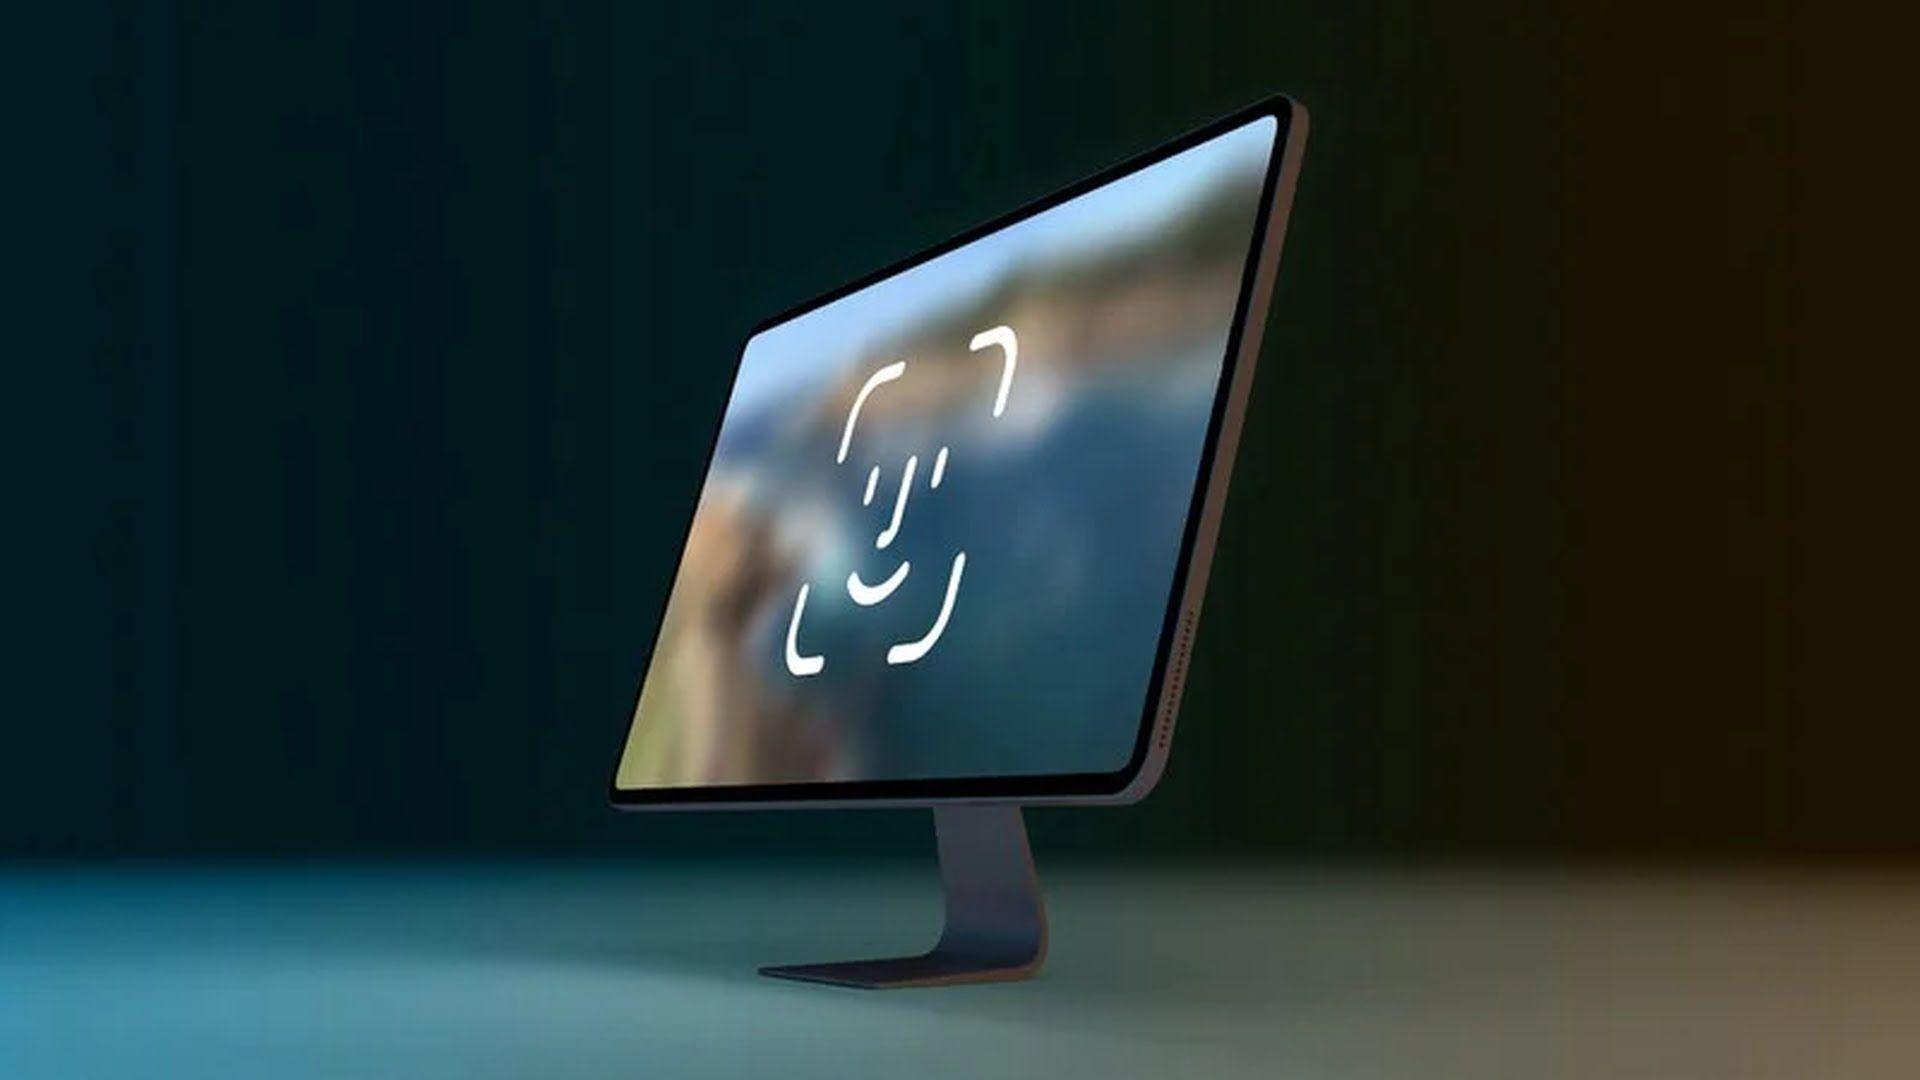 W ciągu kilku najbliższych lat komputery Mac z funkcją Face ID